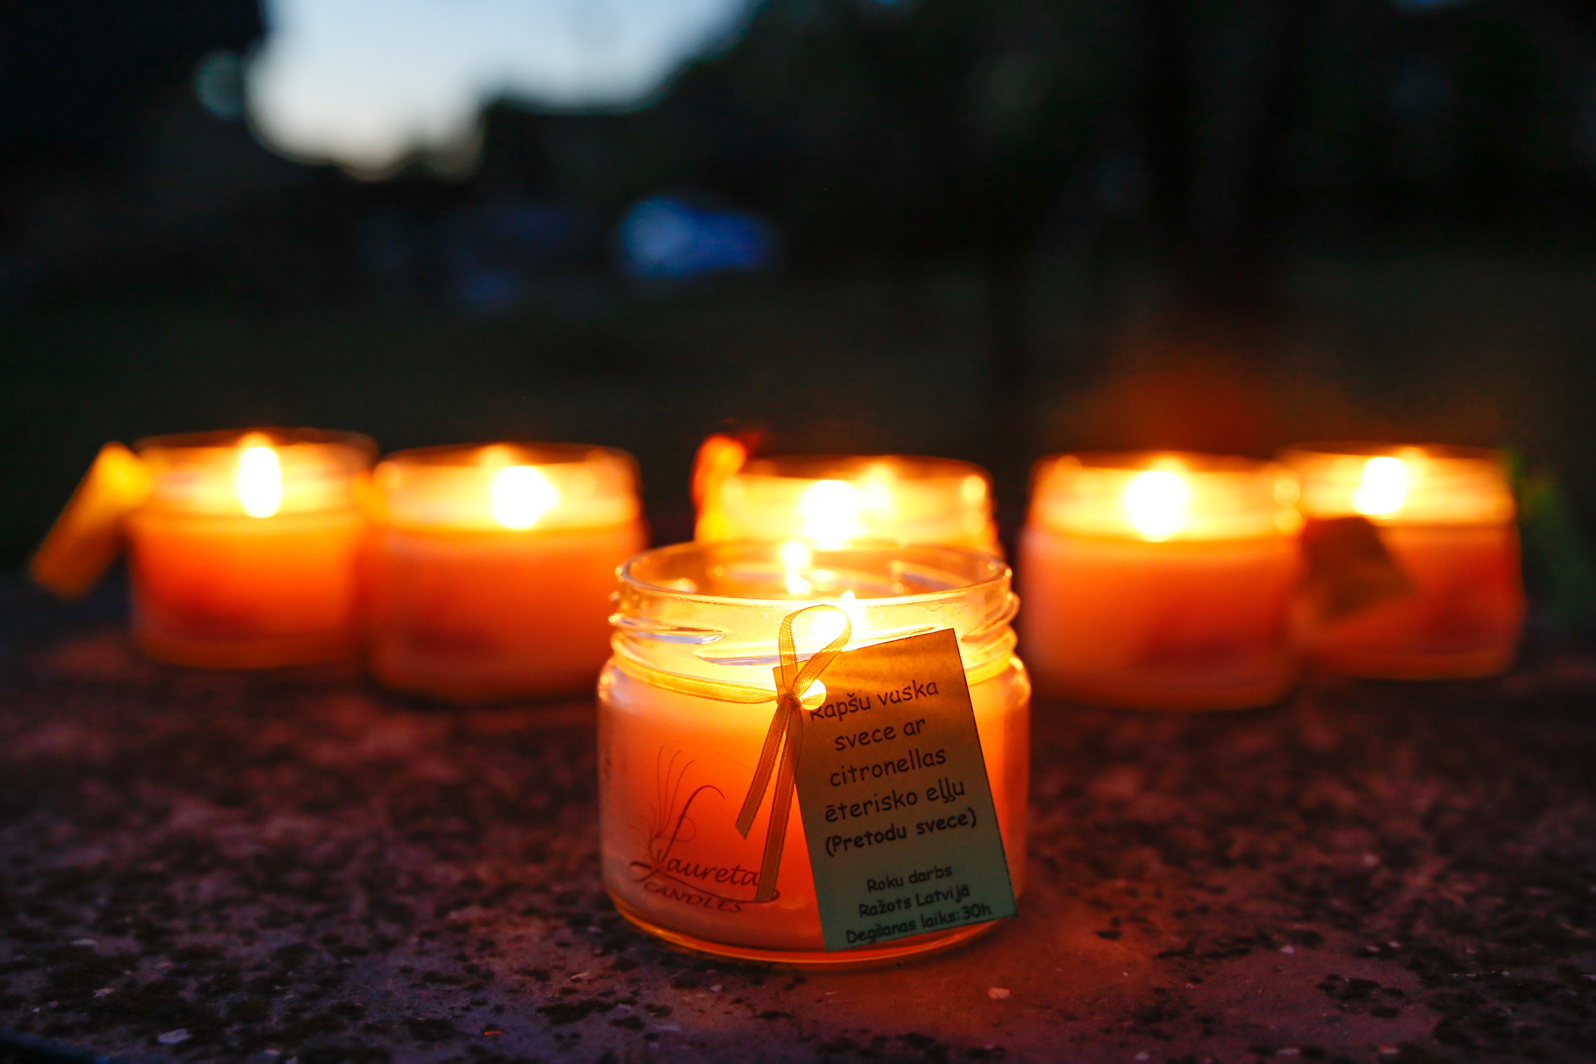 Pretodu sveces